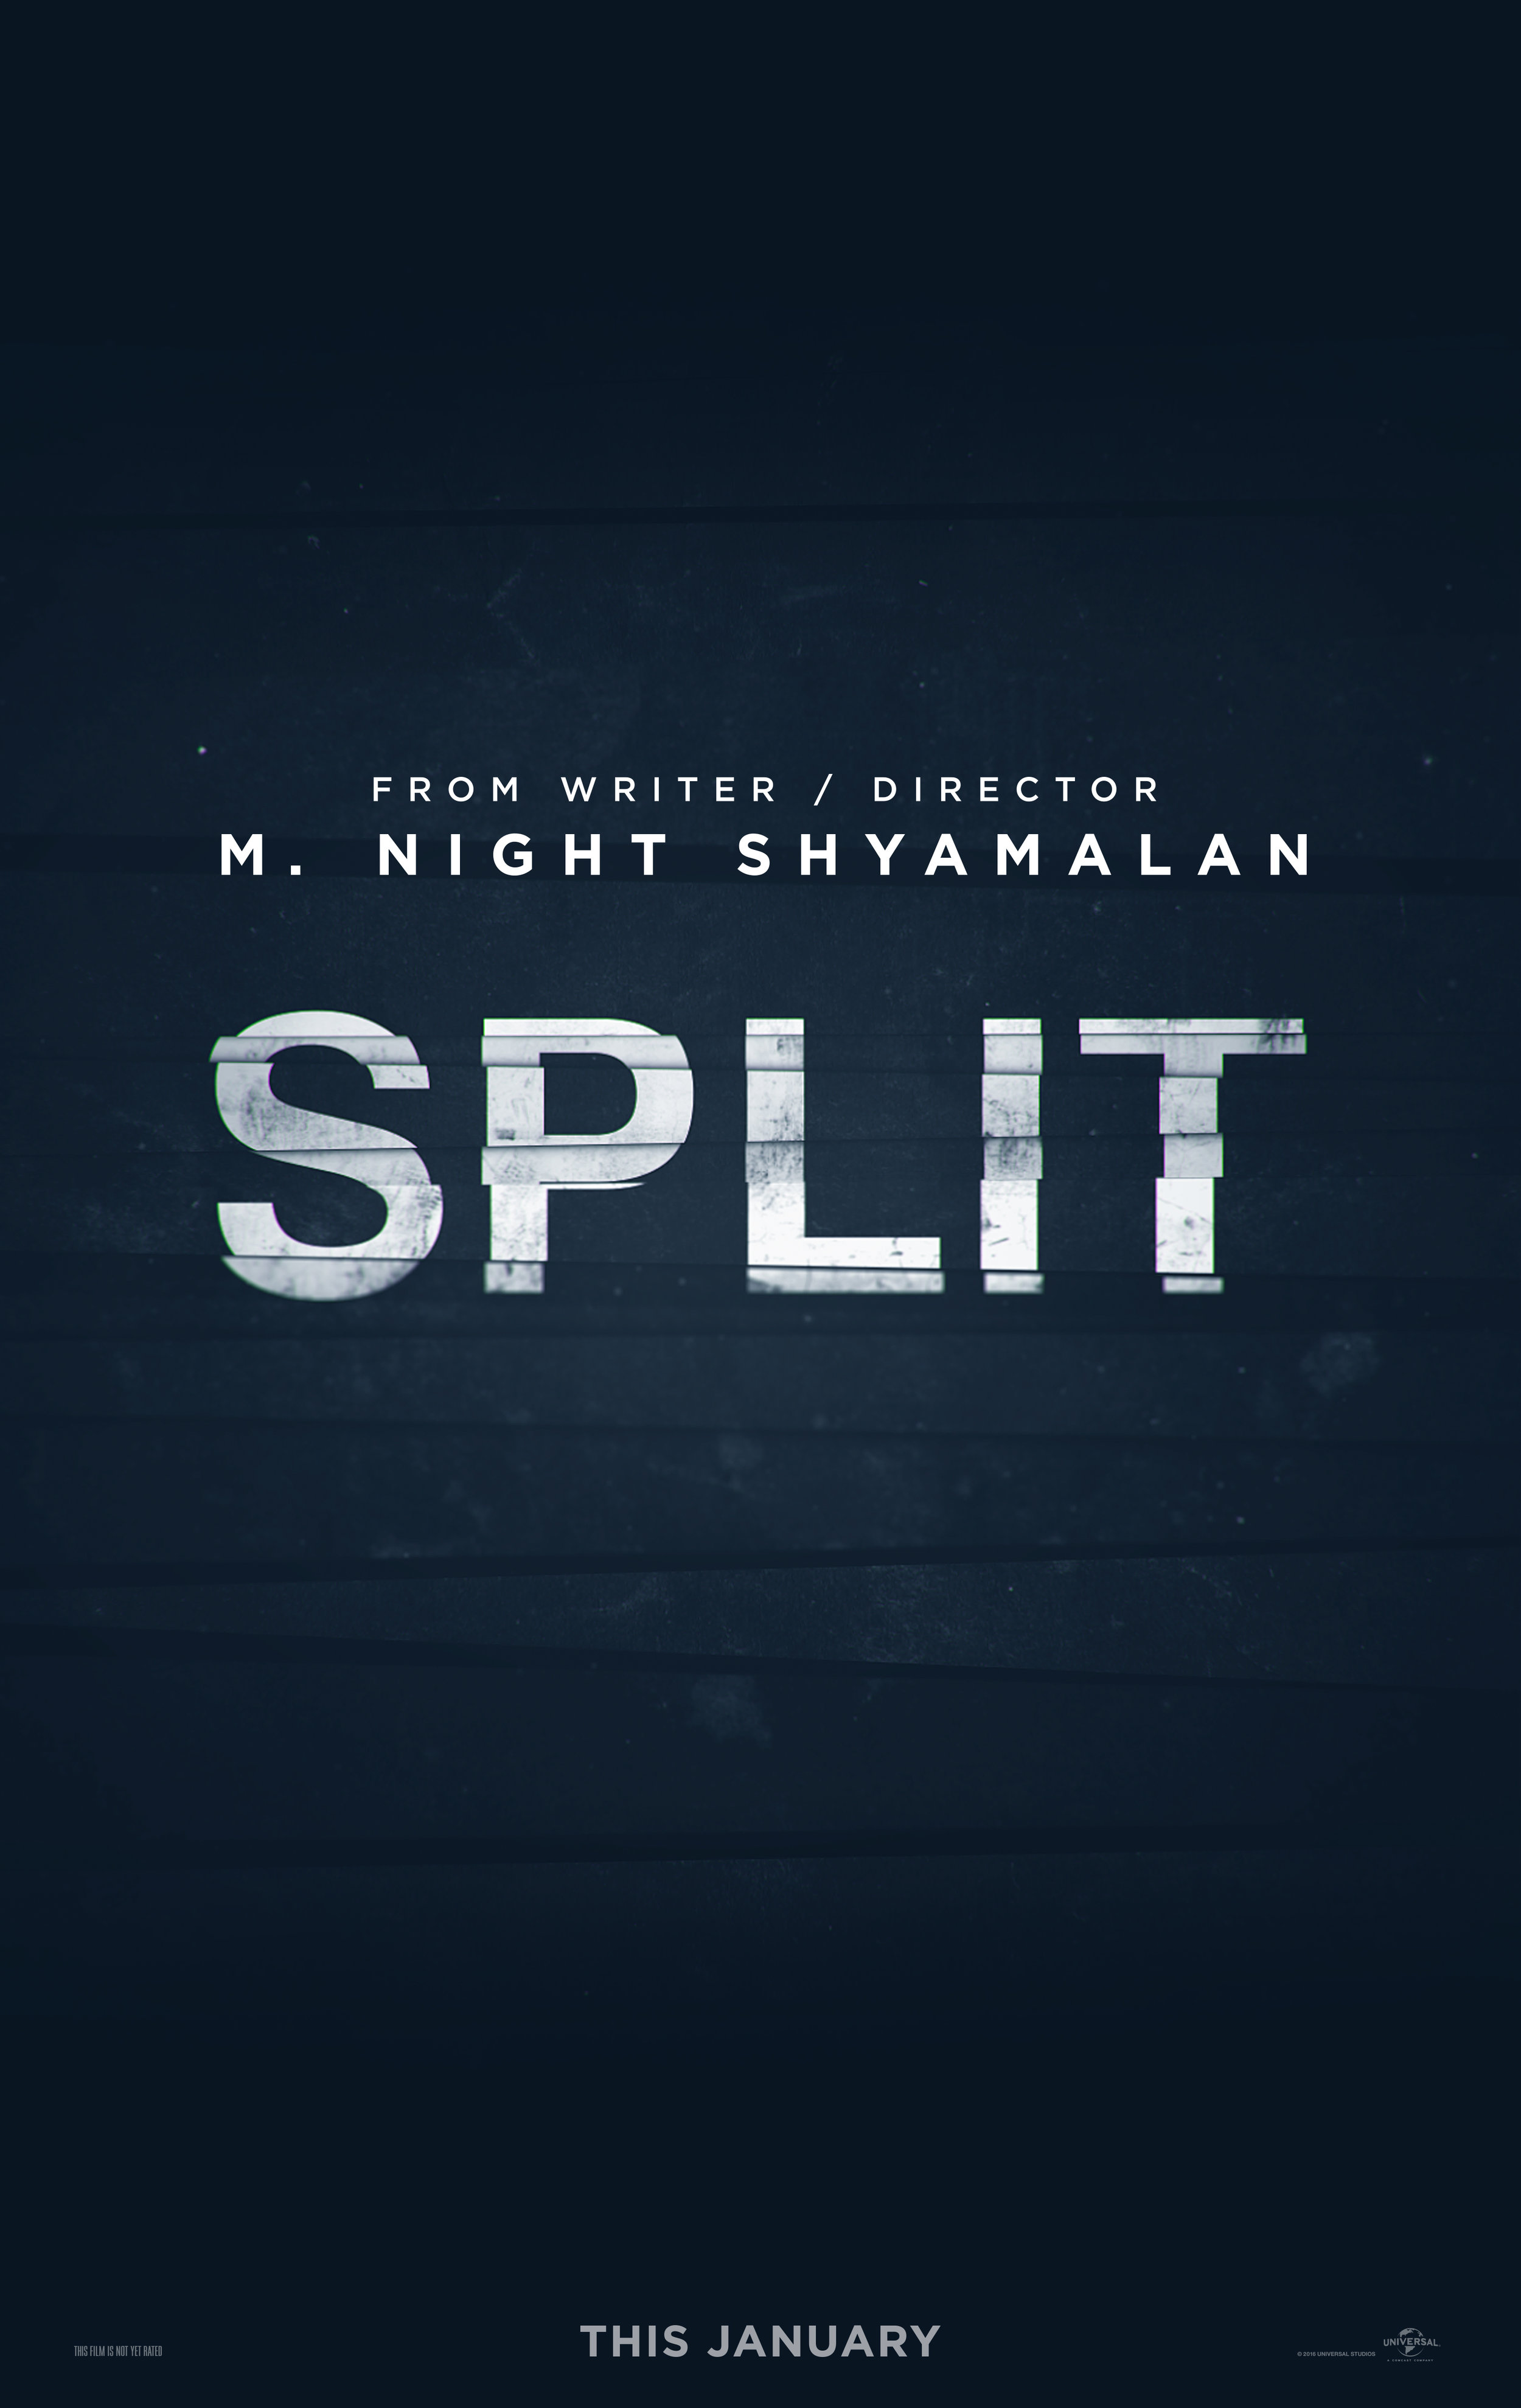 Split_1Sht_Teaser.jpg